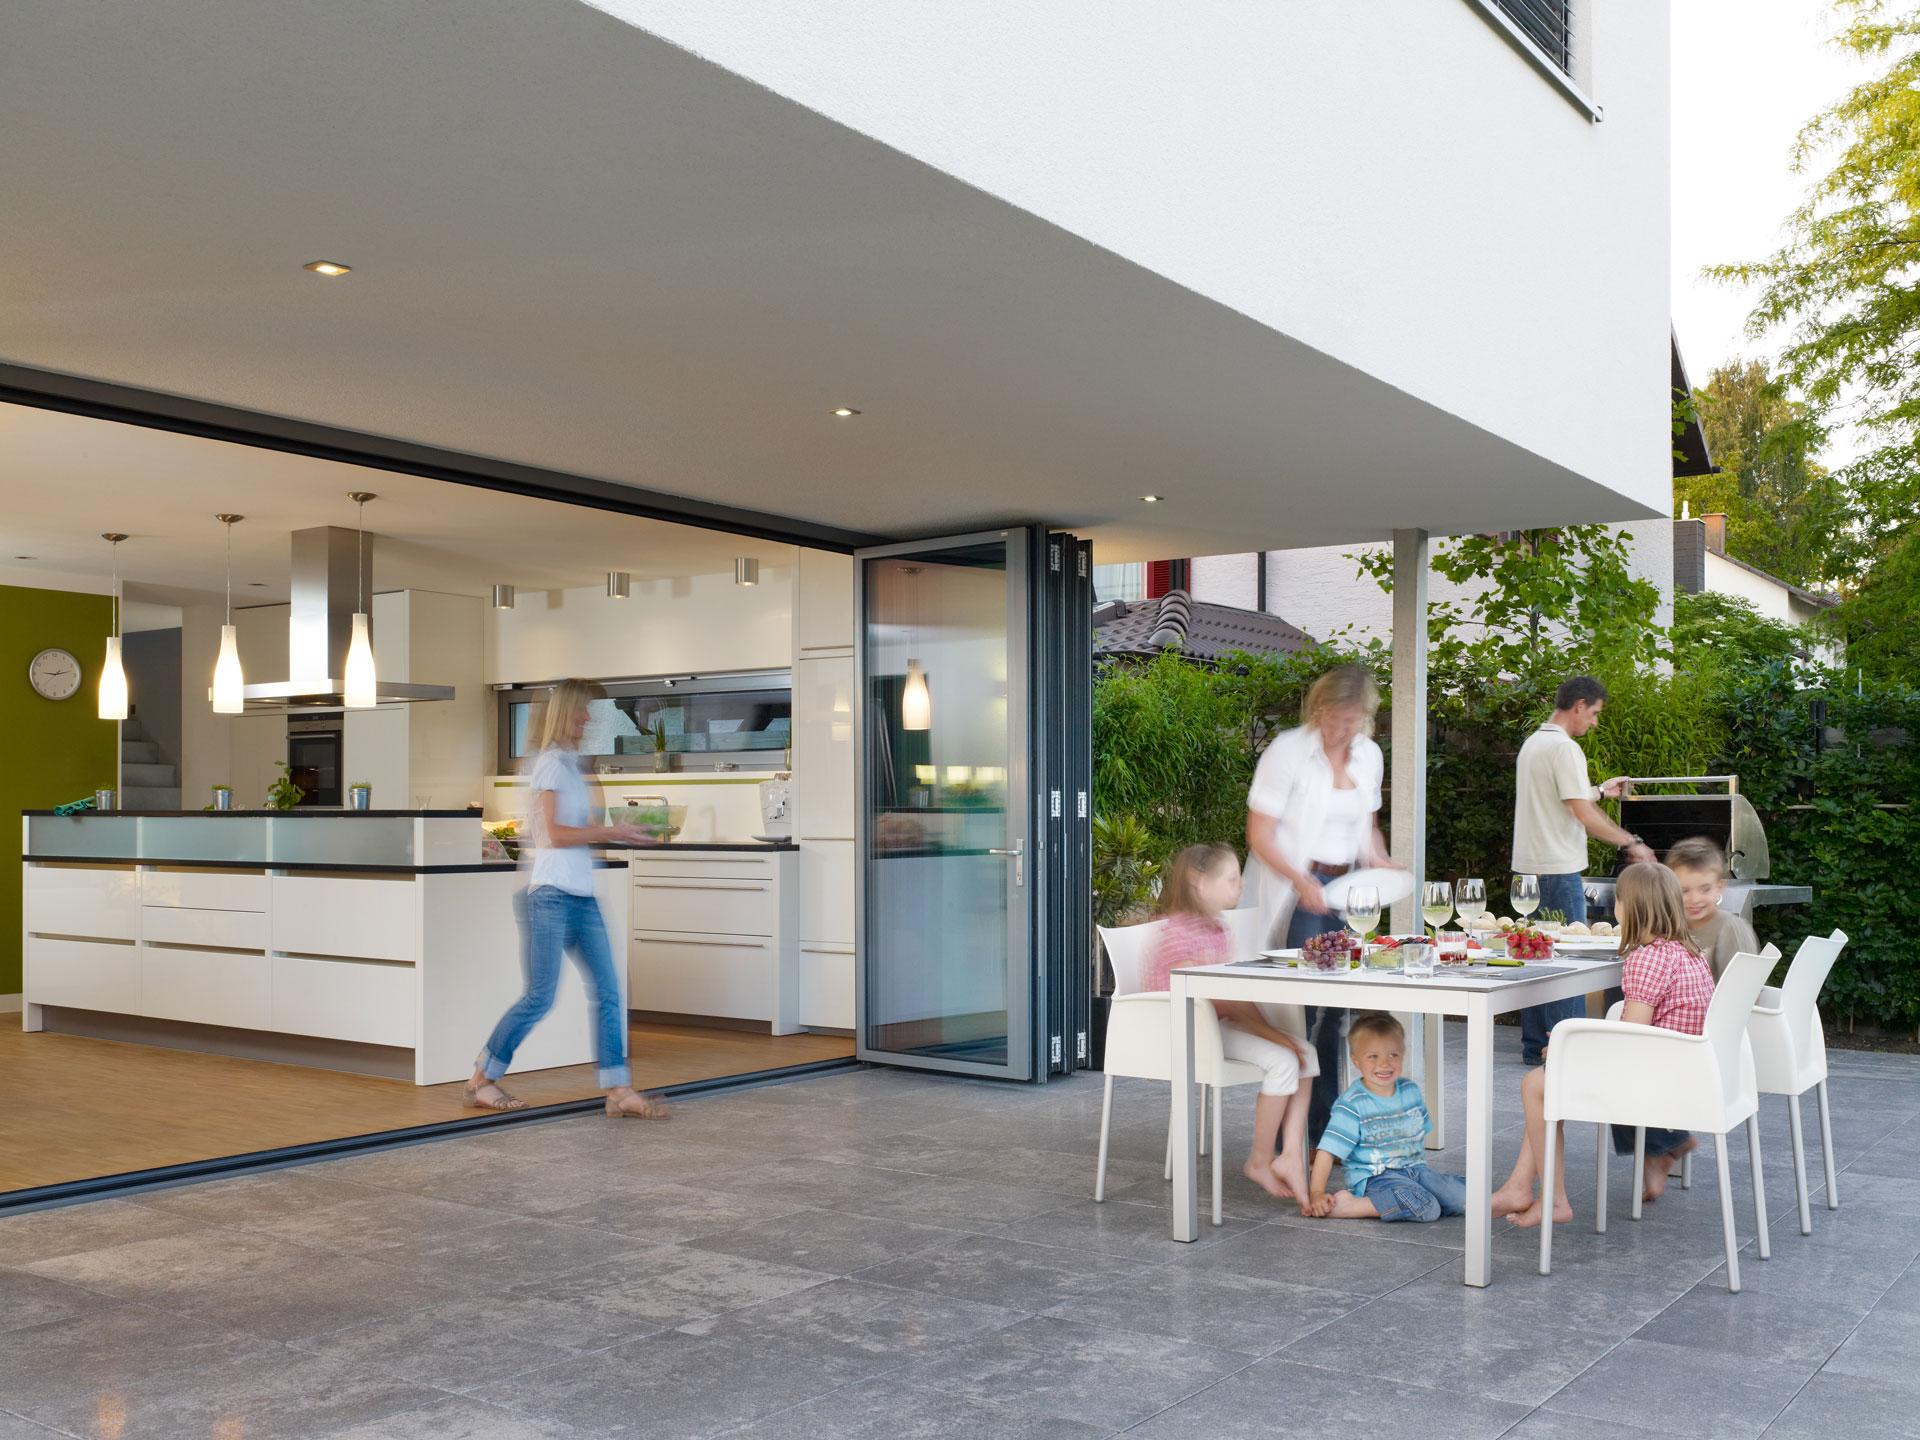 Faltwand 05 a | geöffnete Glas-Falt-Wand bei Küche auf Terrasse mit Familie am Esstisch| Svoboda